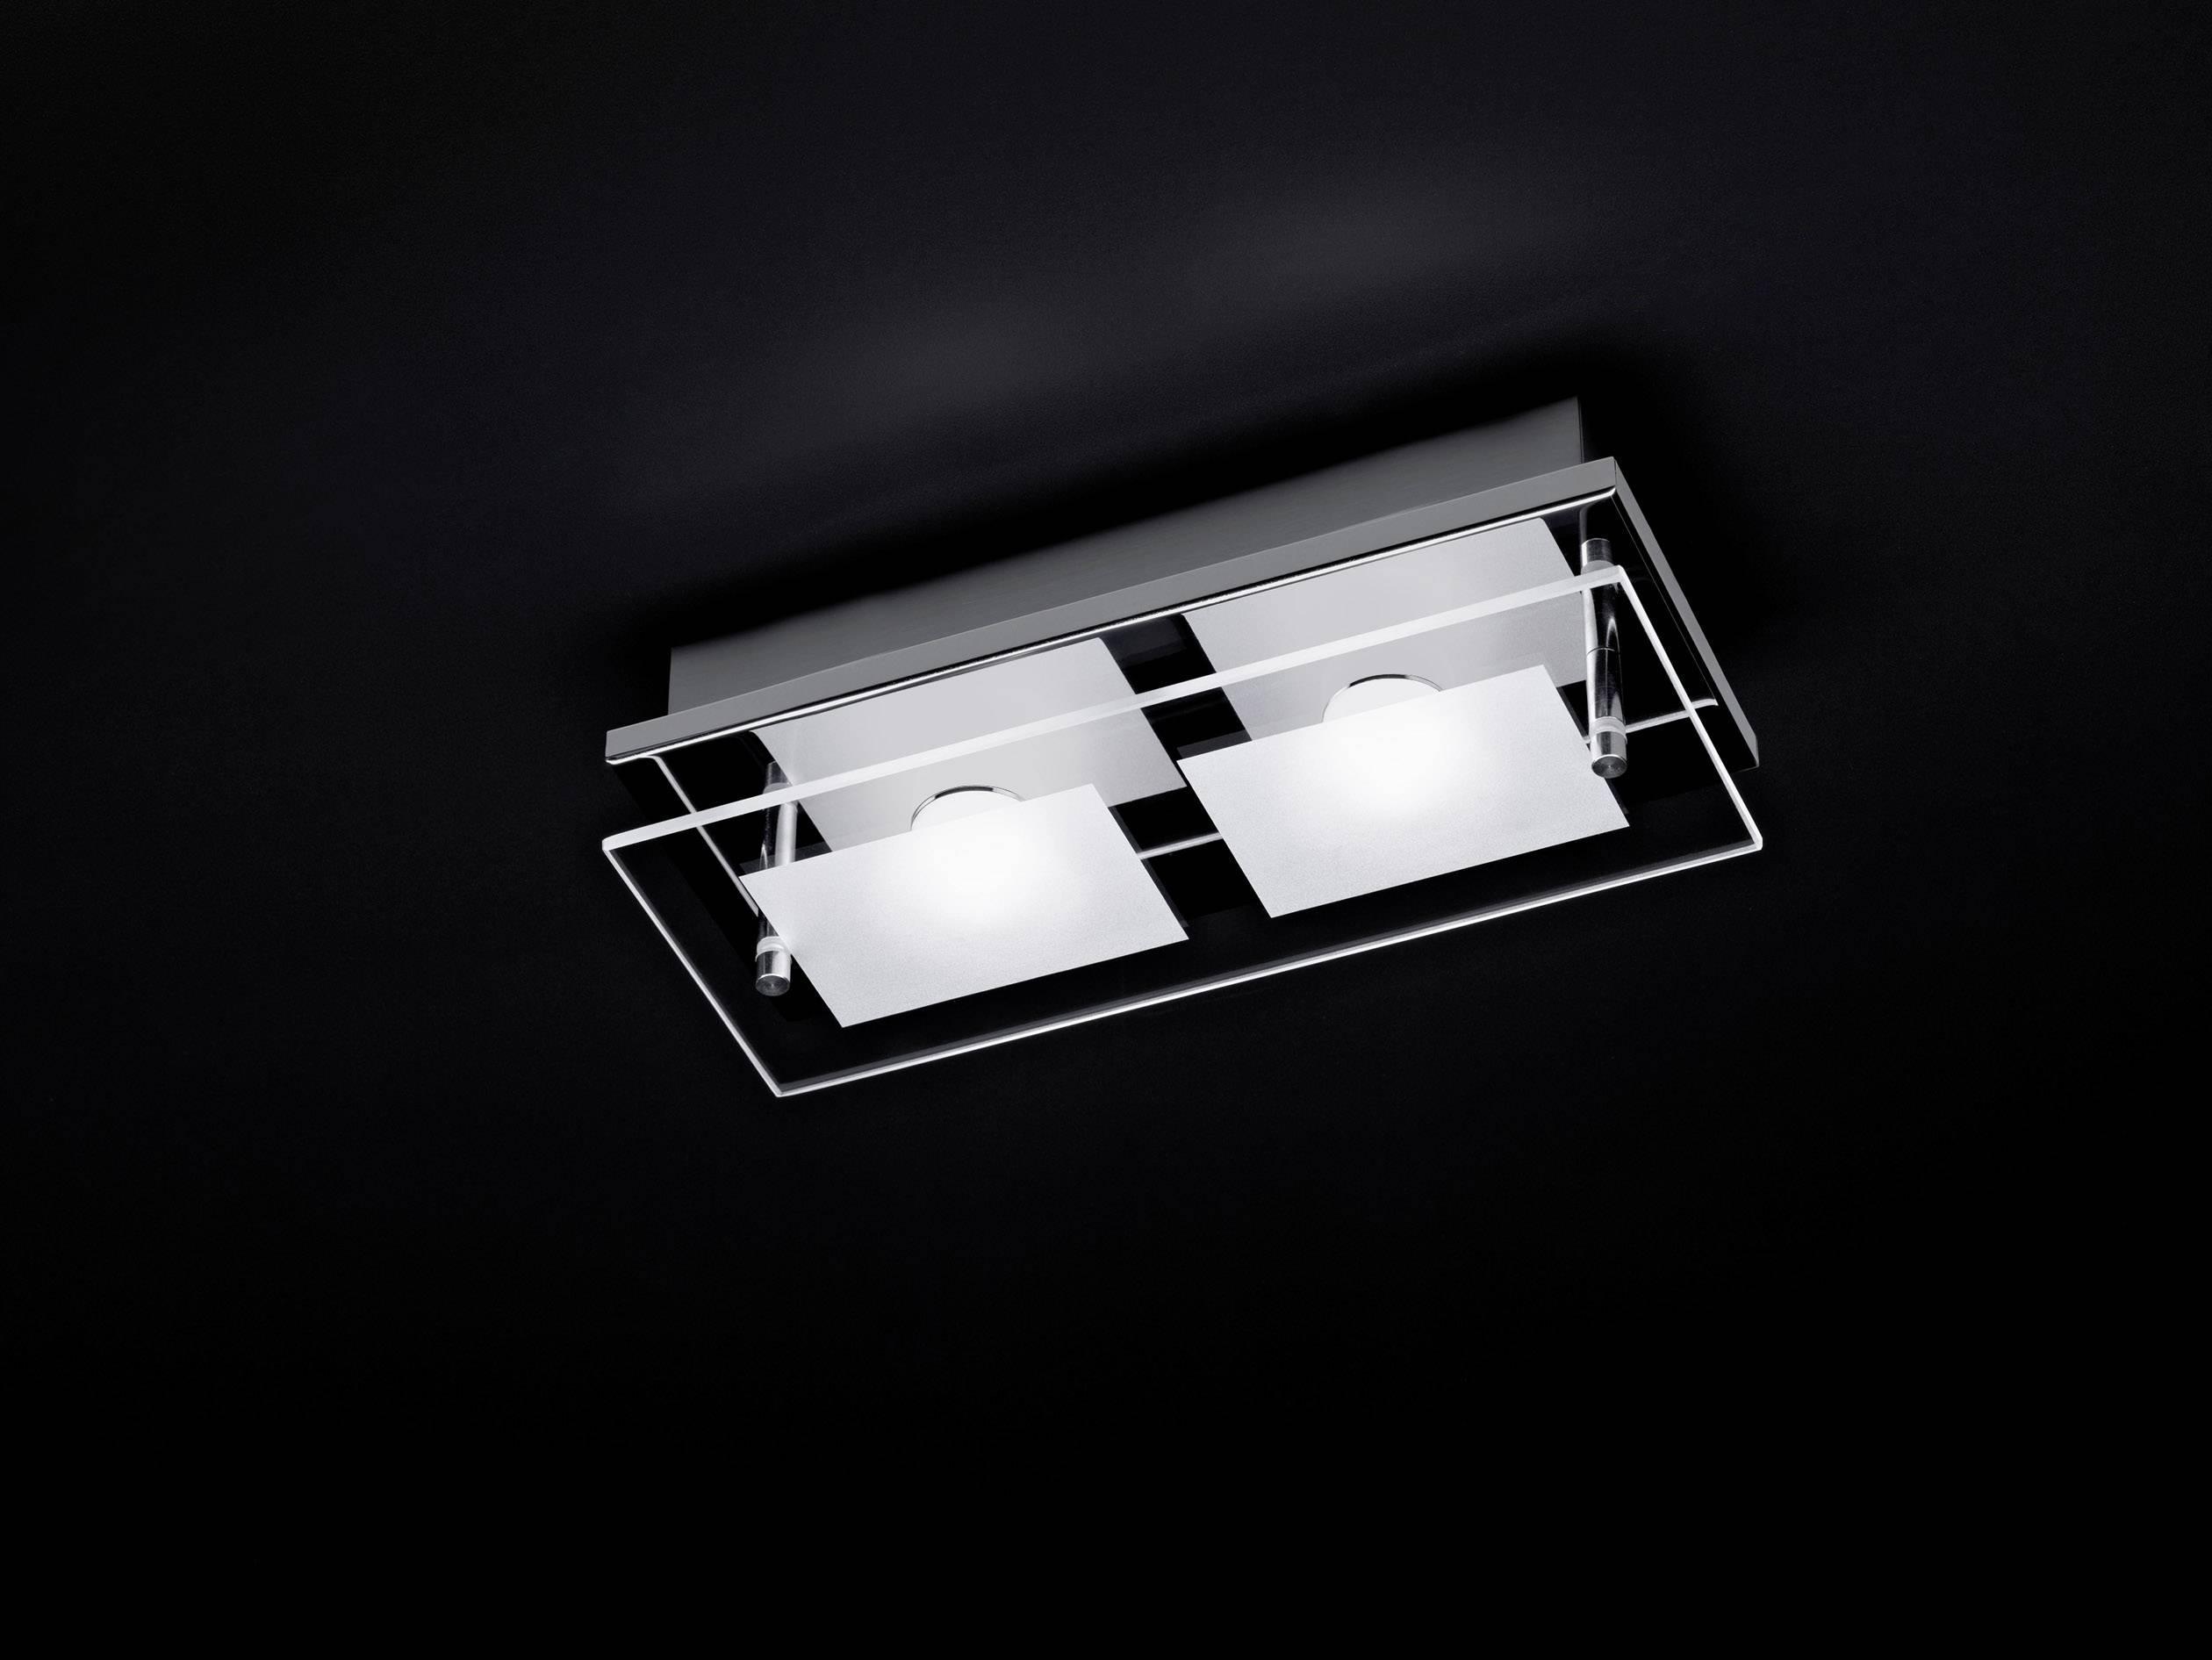 Badkamer Plafondlamp Led : ▷ badkamer plafondlamp led kopen online internetwinkel